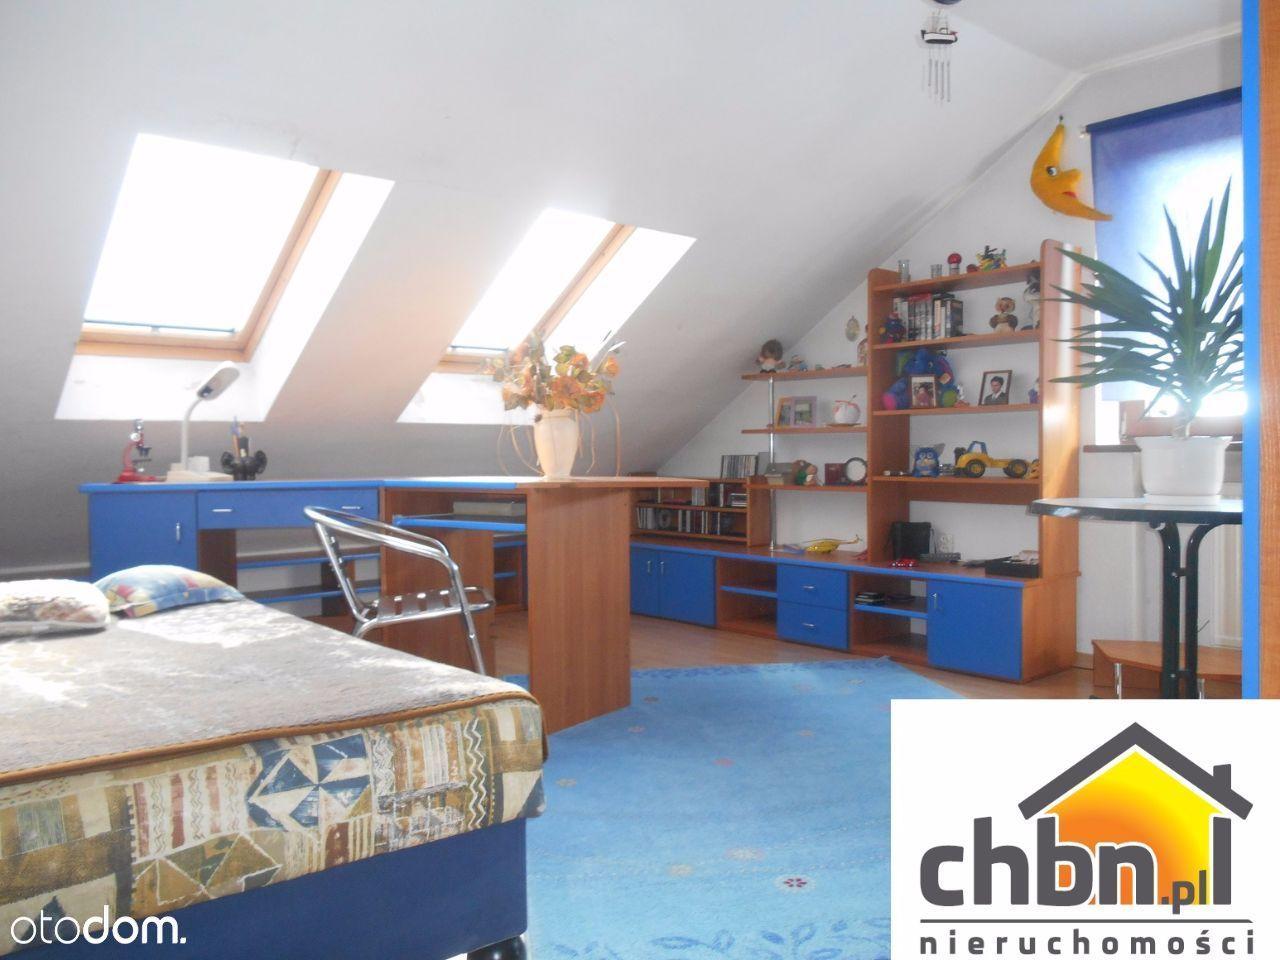 Dom na sprzedaż, Świdwin, świdwiński, zachodniopomorskie - Foto 2